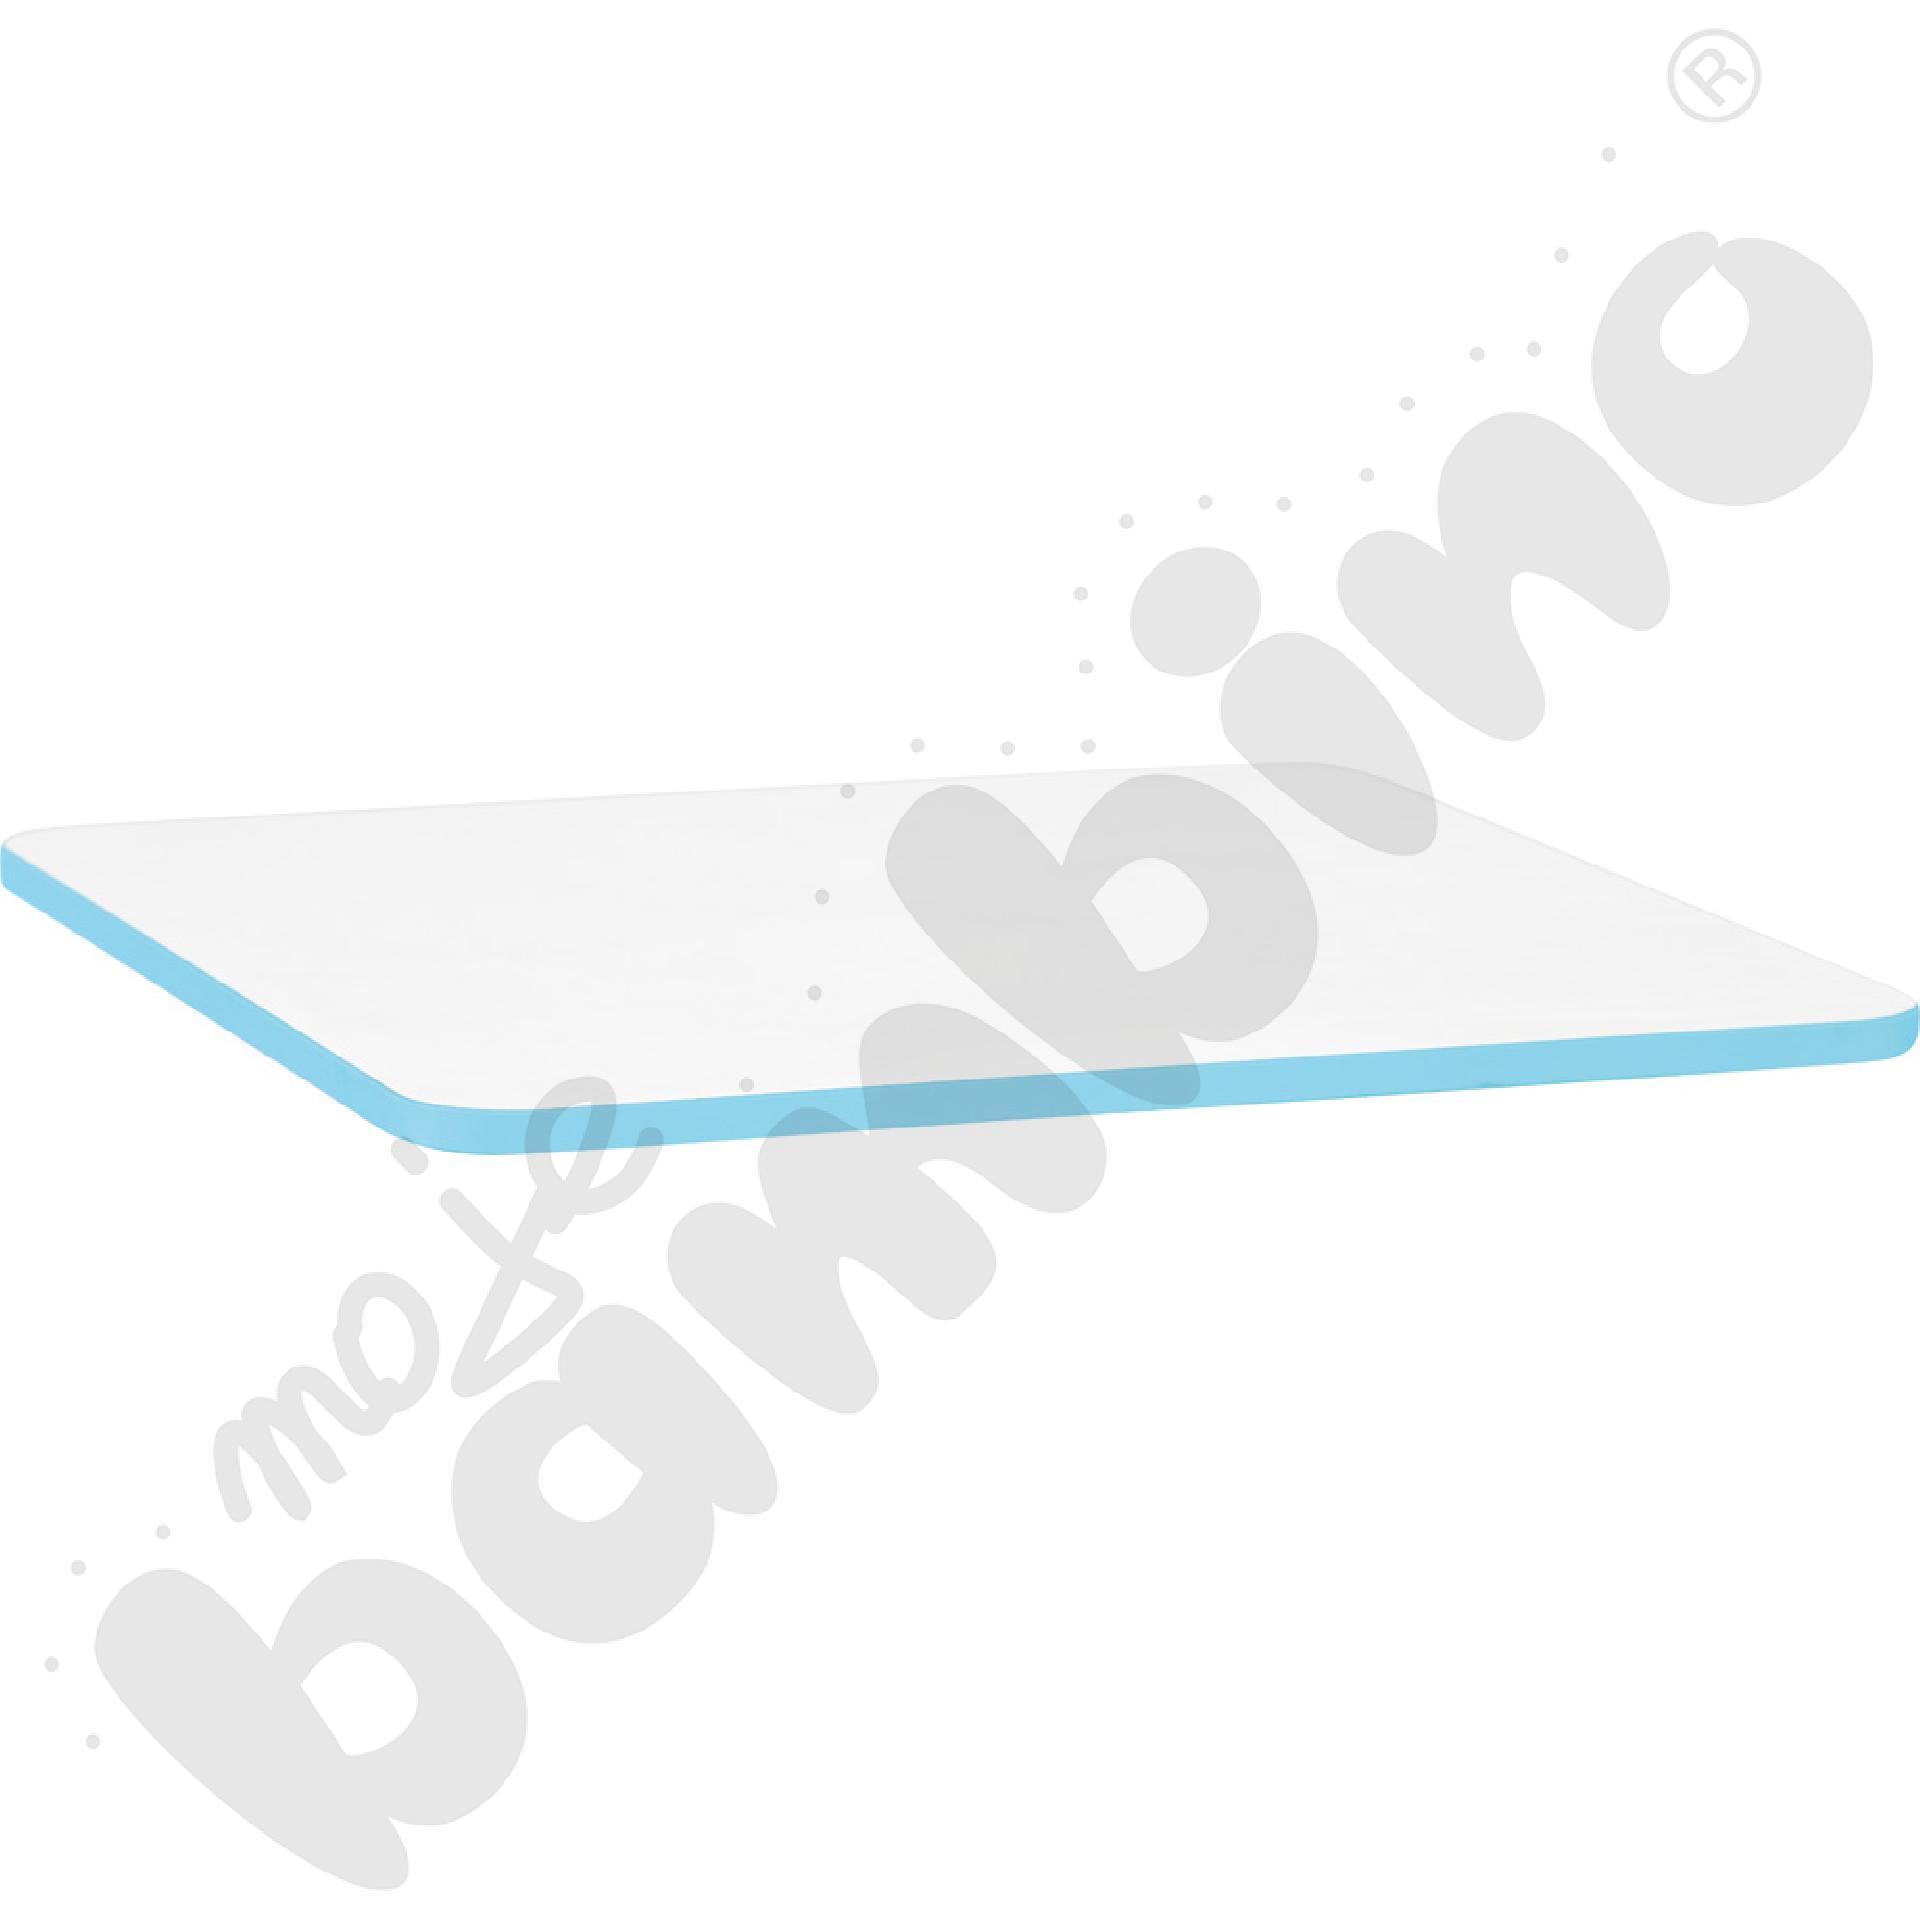 Blat Quadro biały prostokątny, jasnoniebieskie obrzeże